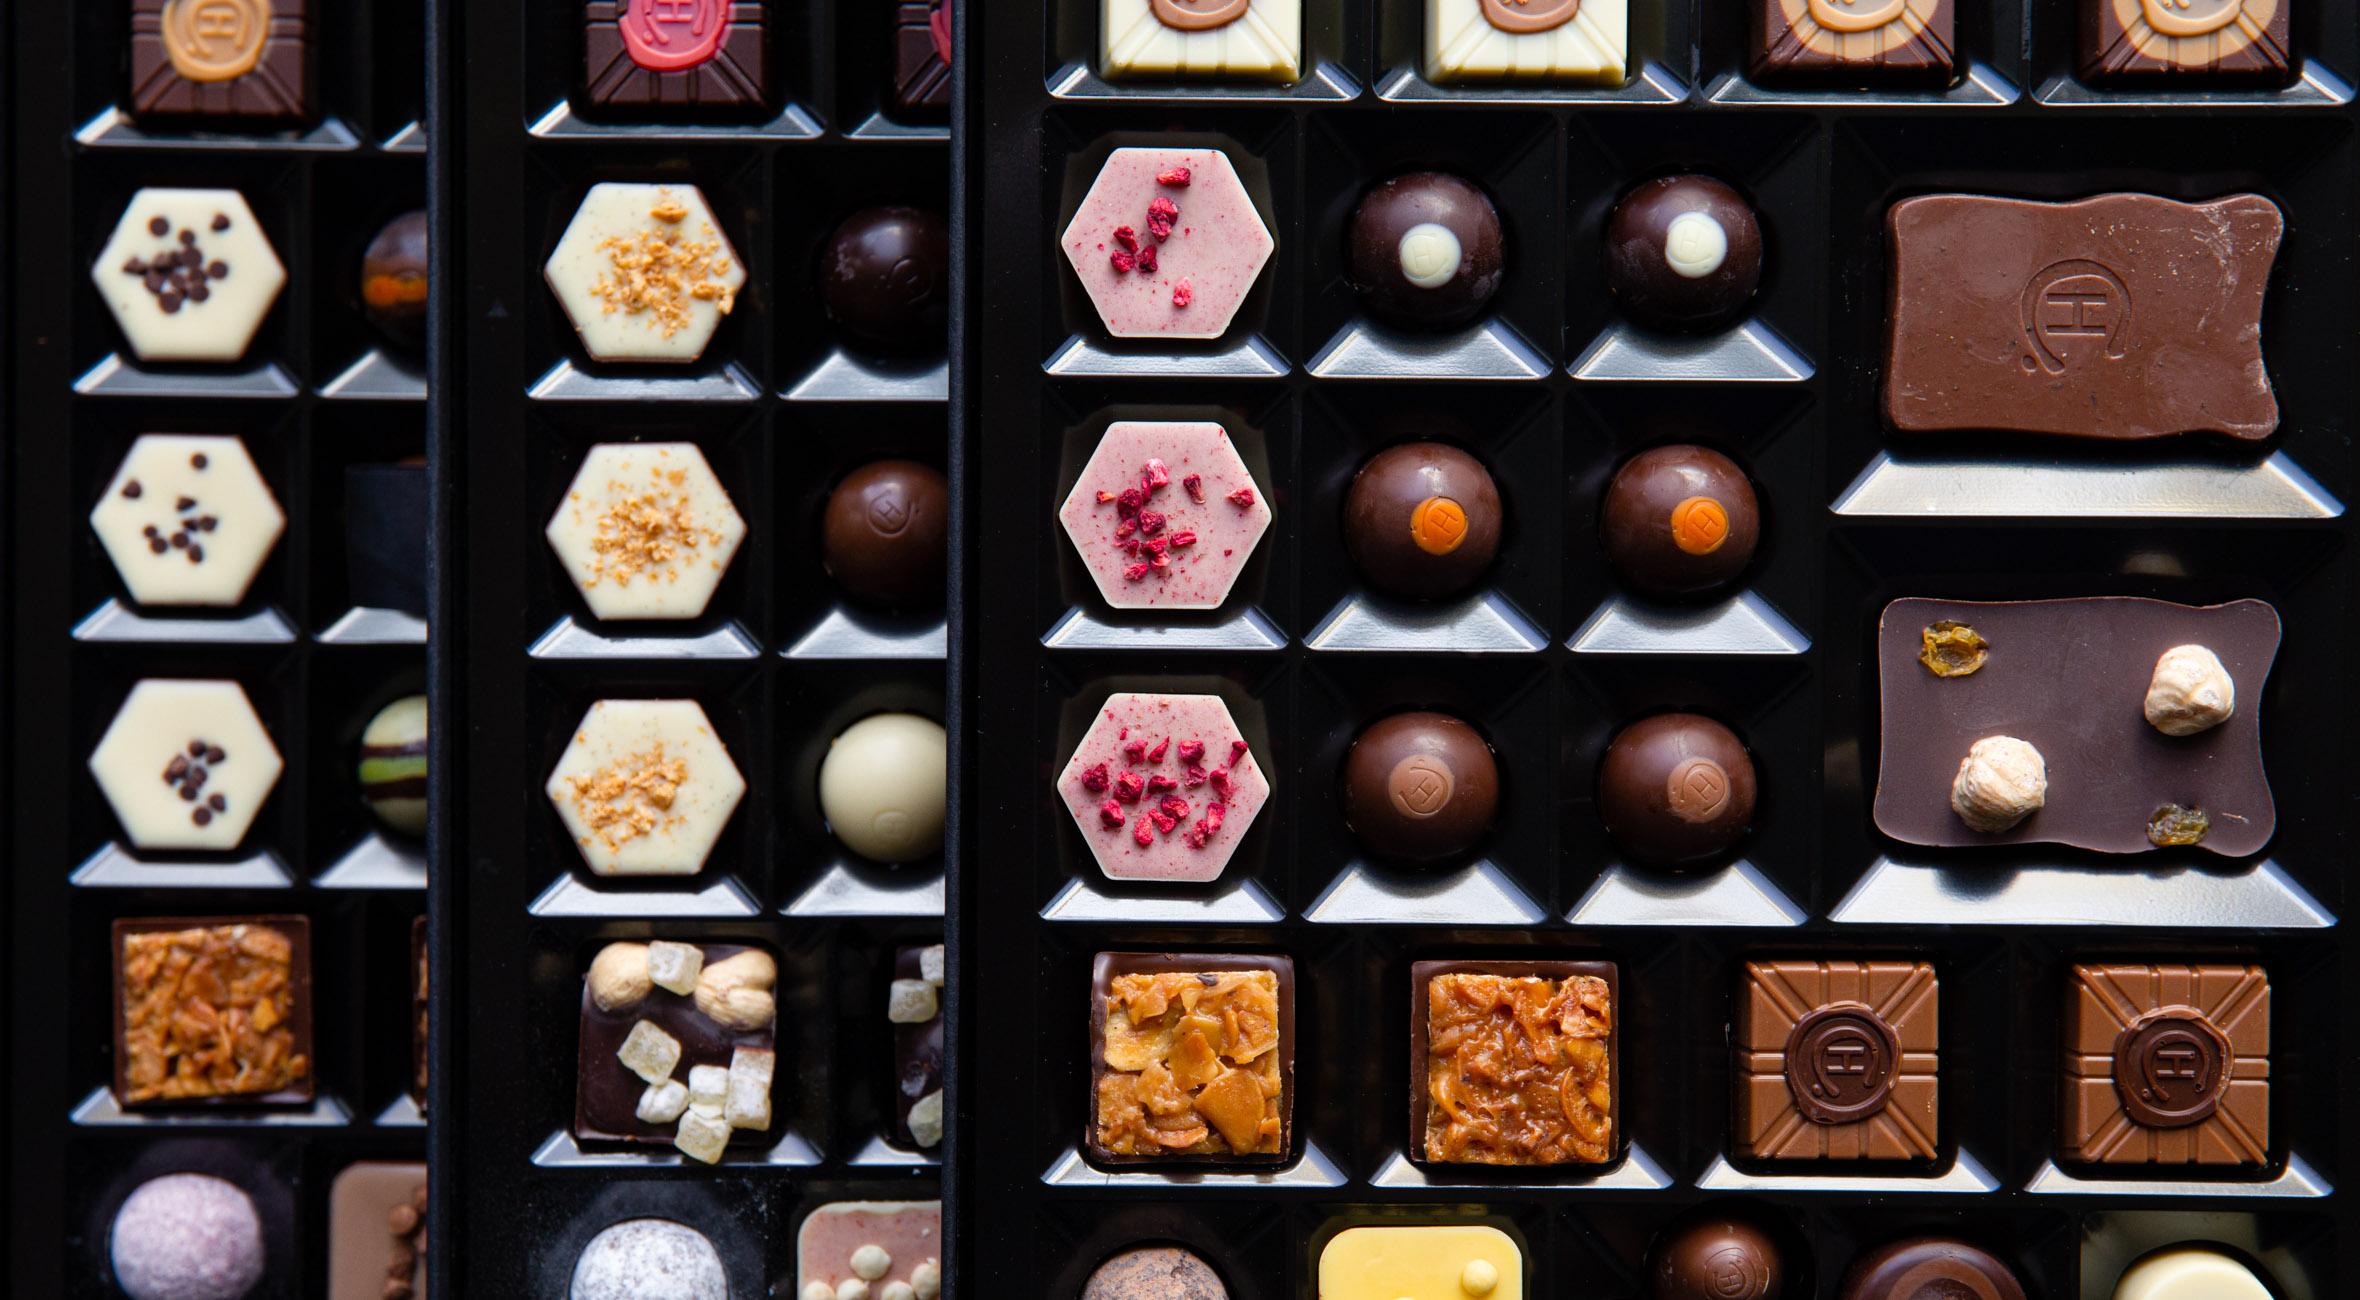 Frit valg til alt hos Hotel Chocolat – Verdenskendt chocolatier har indtaget Indre By, Frederiksberg, Roskilde og Aarhus